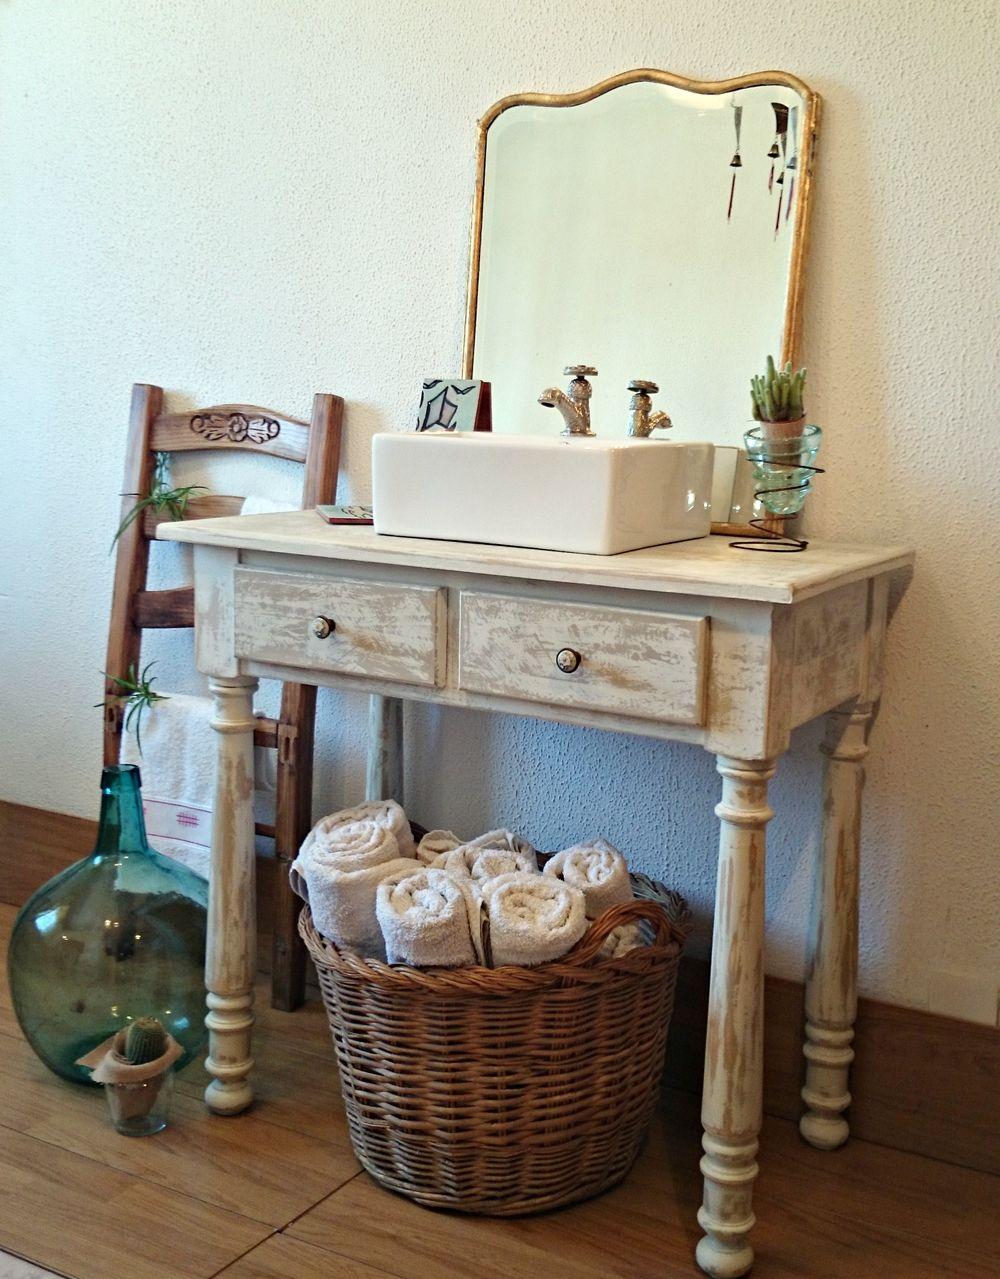 Mueble de baño decapado en blanco antiguo | Bohemian and Chic ...